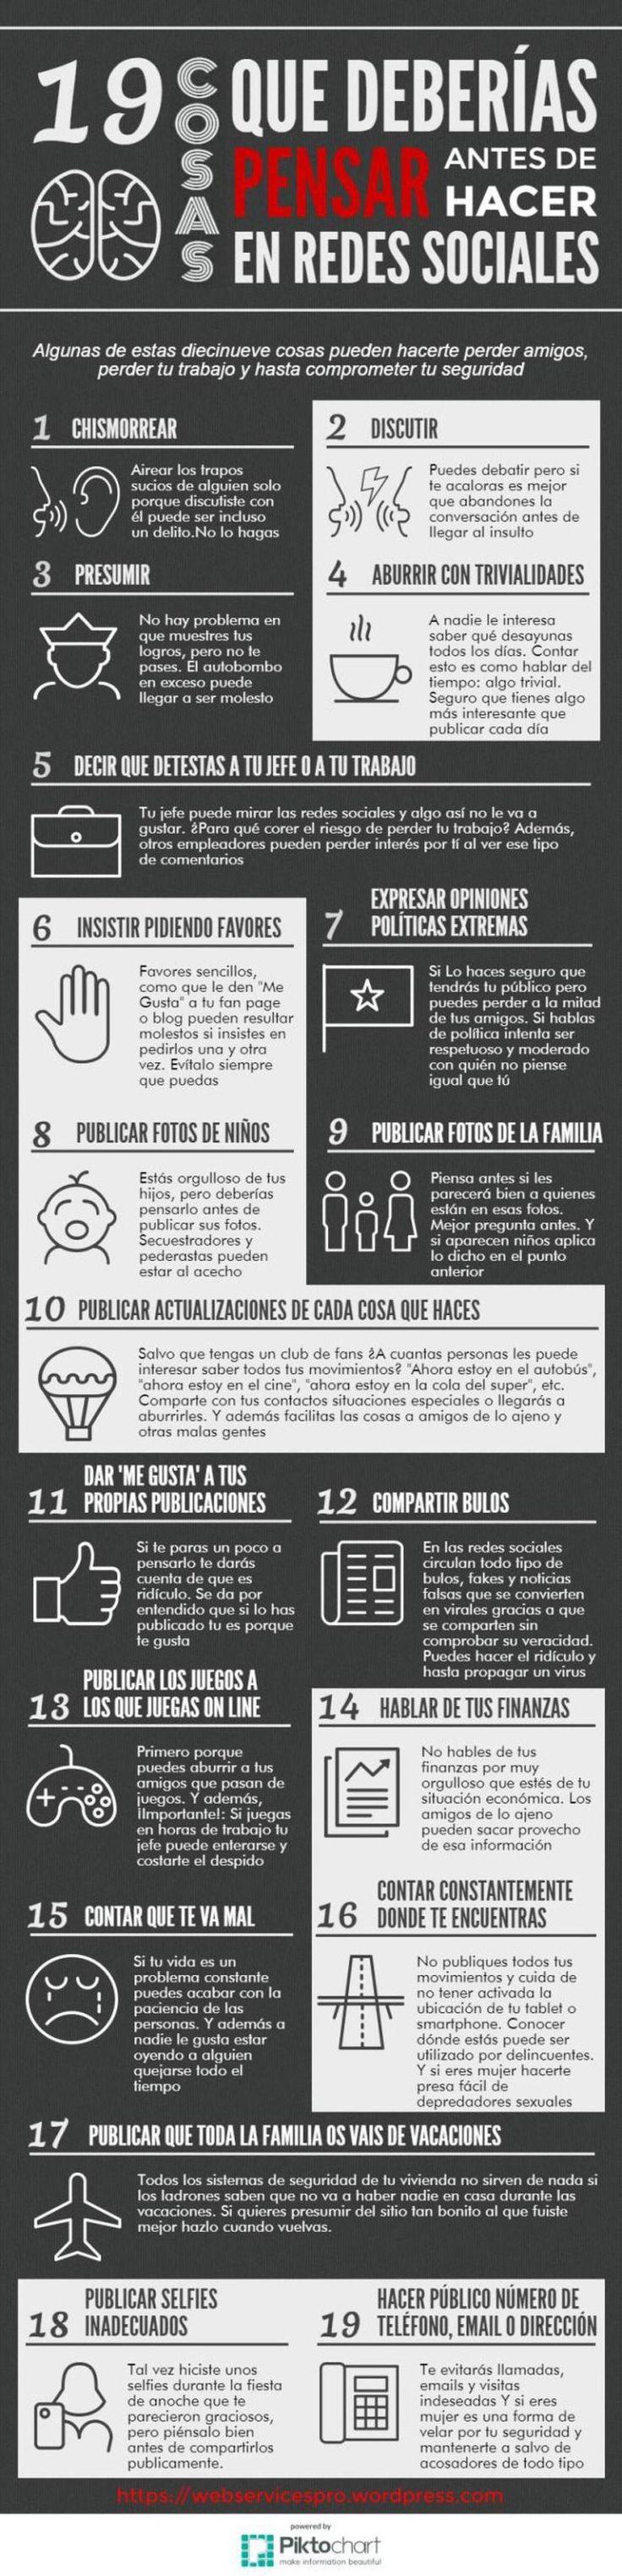 Cosas que no debes hacer en las Redes Sociales - Infografía